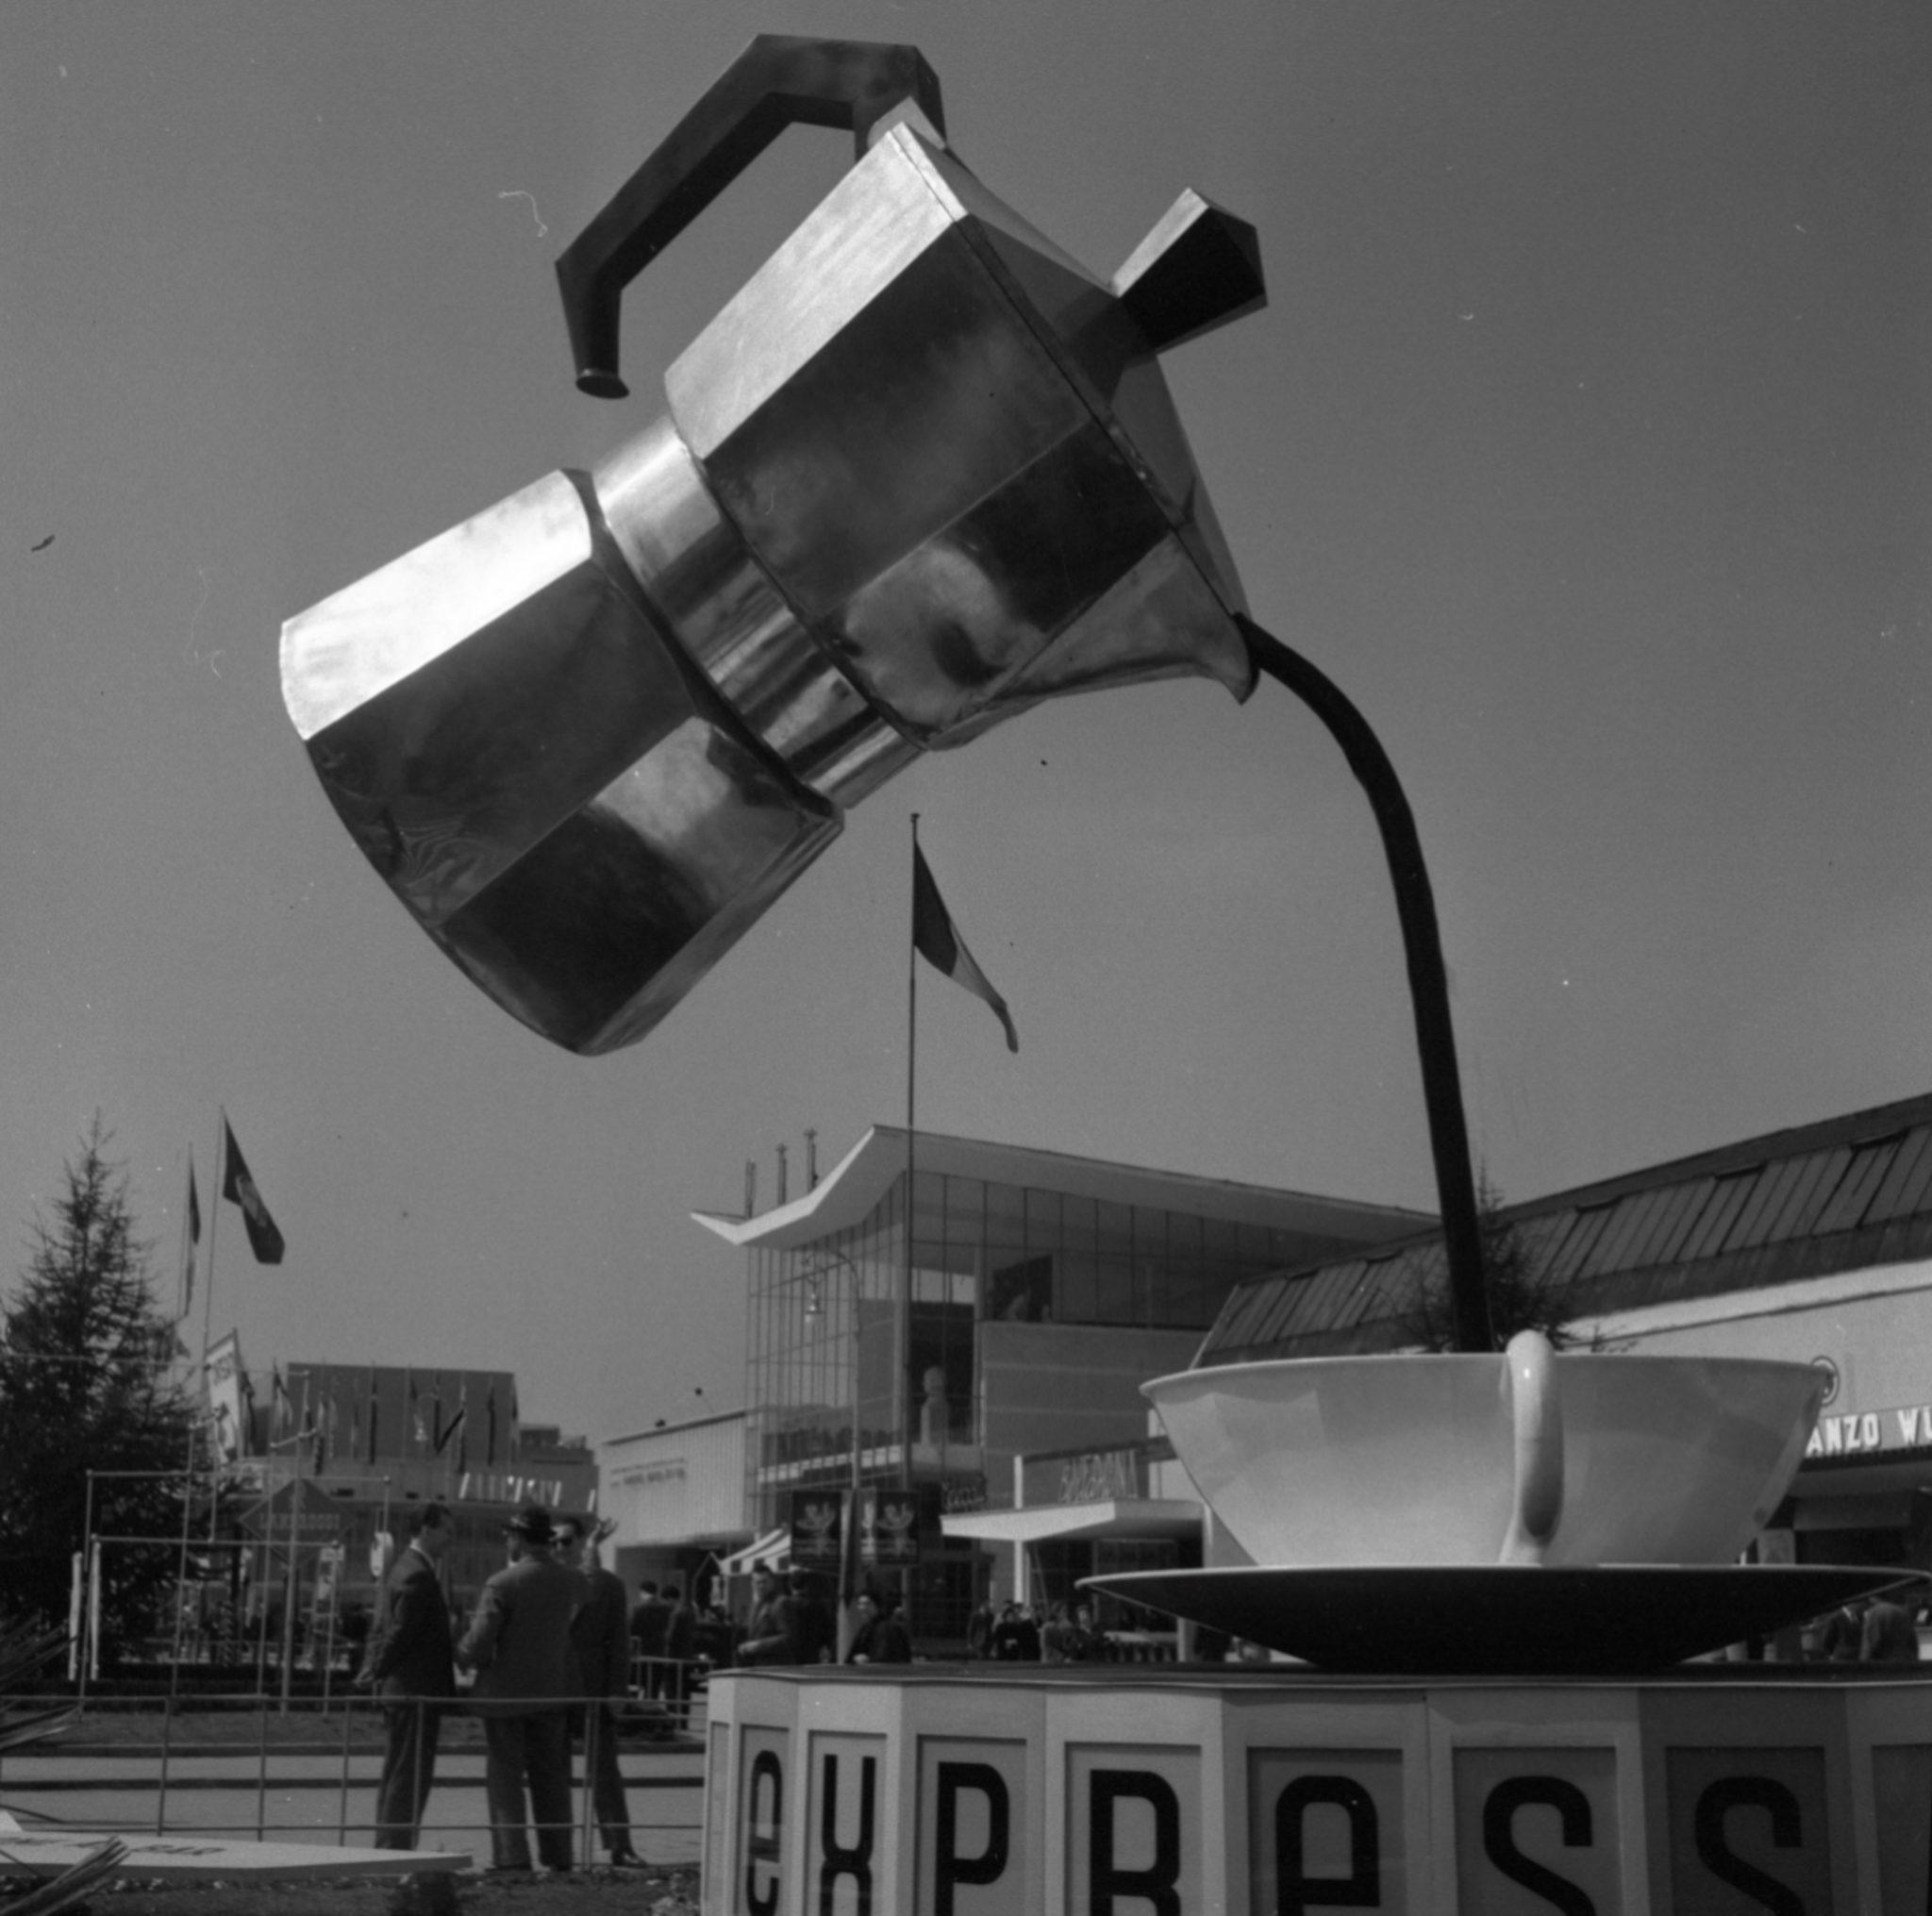 1954. Installazione pubblicitaria Bialetti alla Fiera Campionaria di Milano.